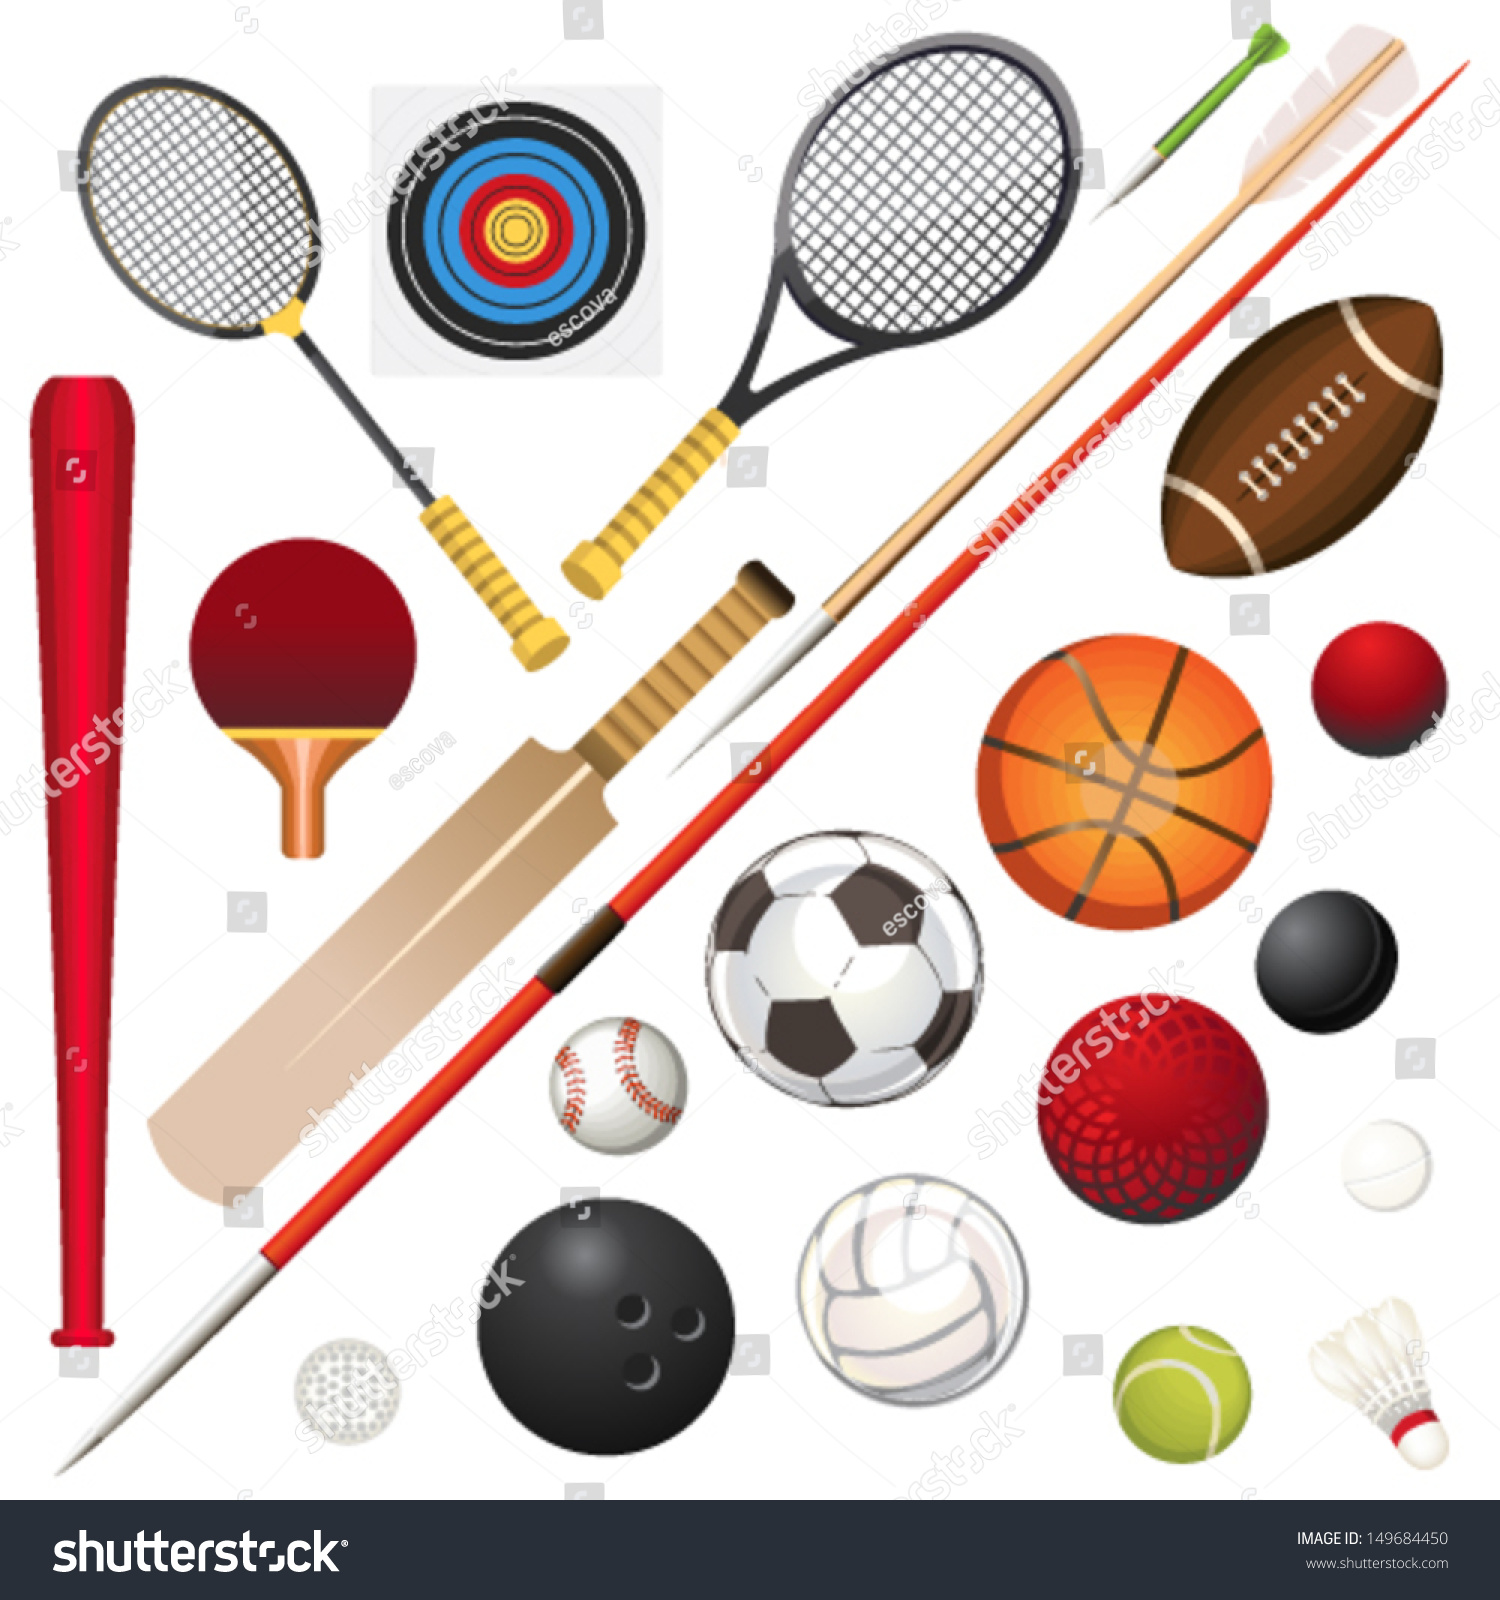 vector illustration various sport equipment stock vector vector baseball ball victor baseball bats